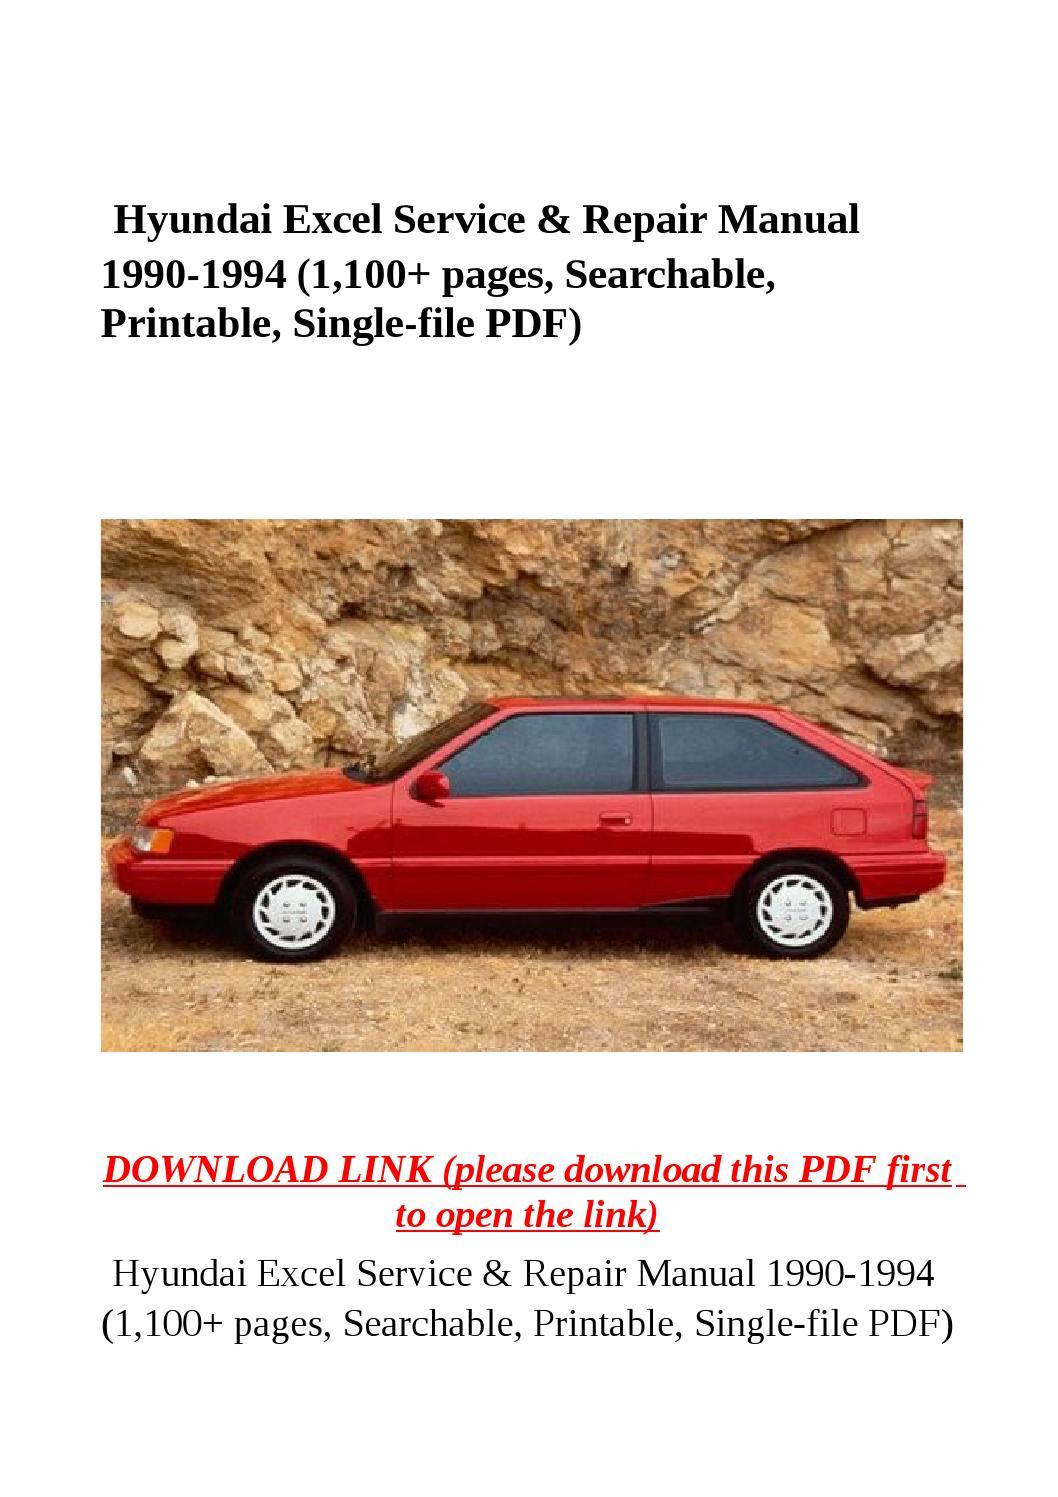 1993 Hyundai Excel Owners Manua Manual Guide